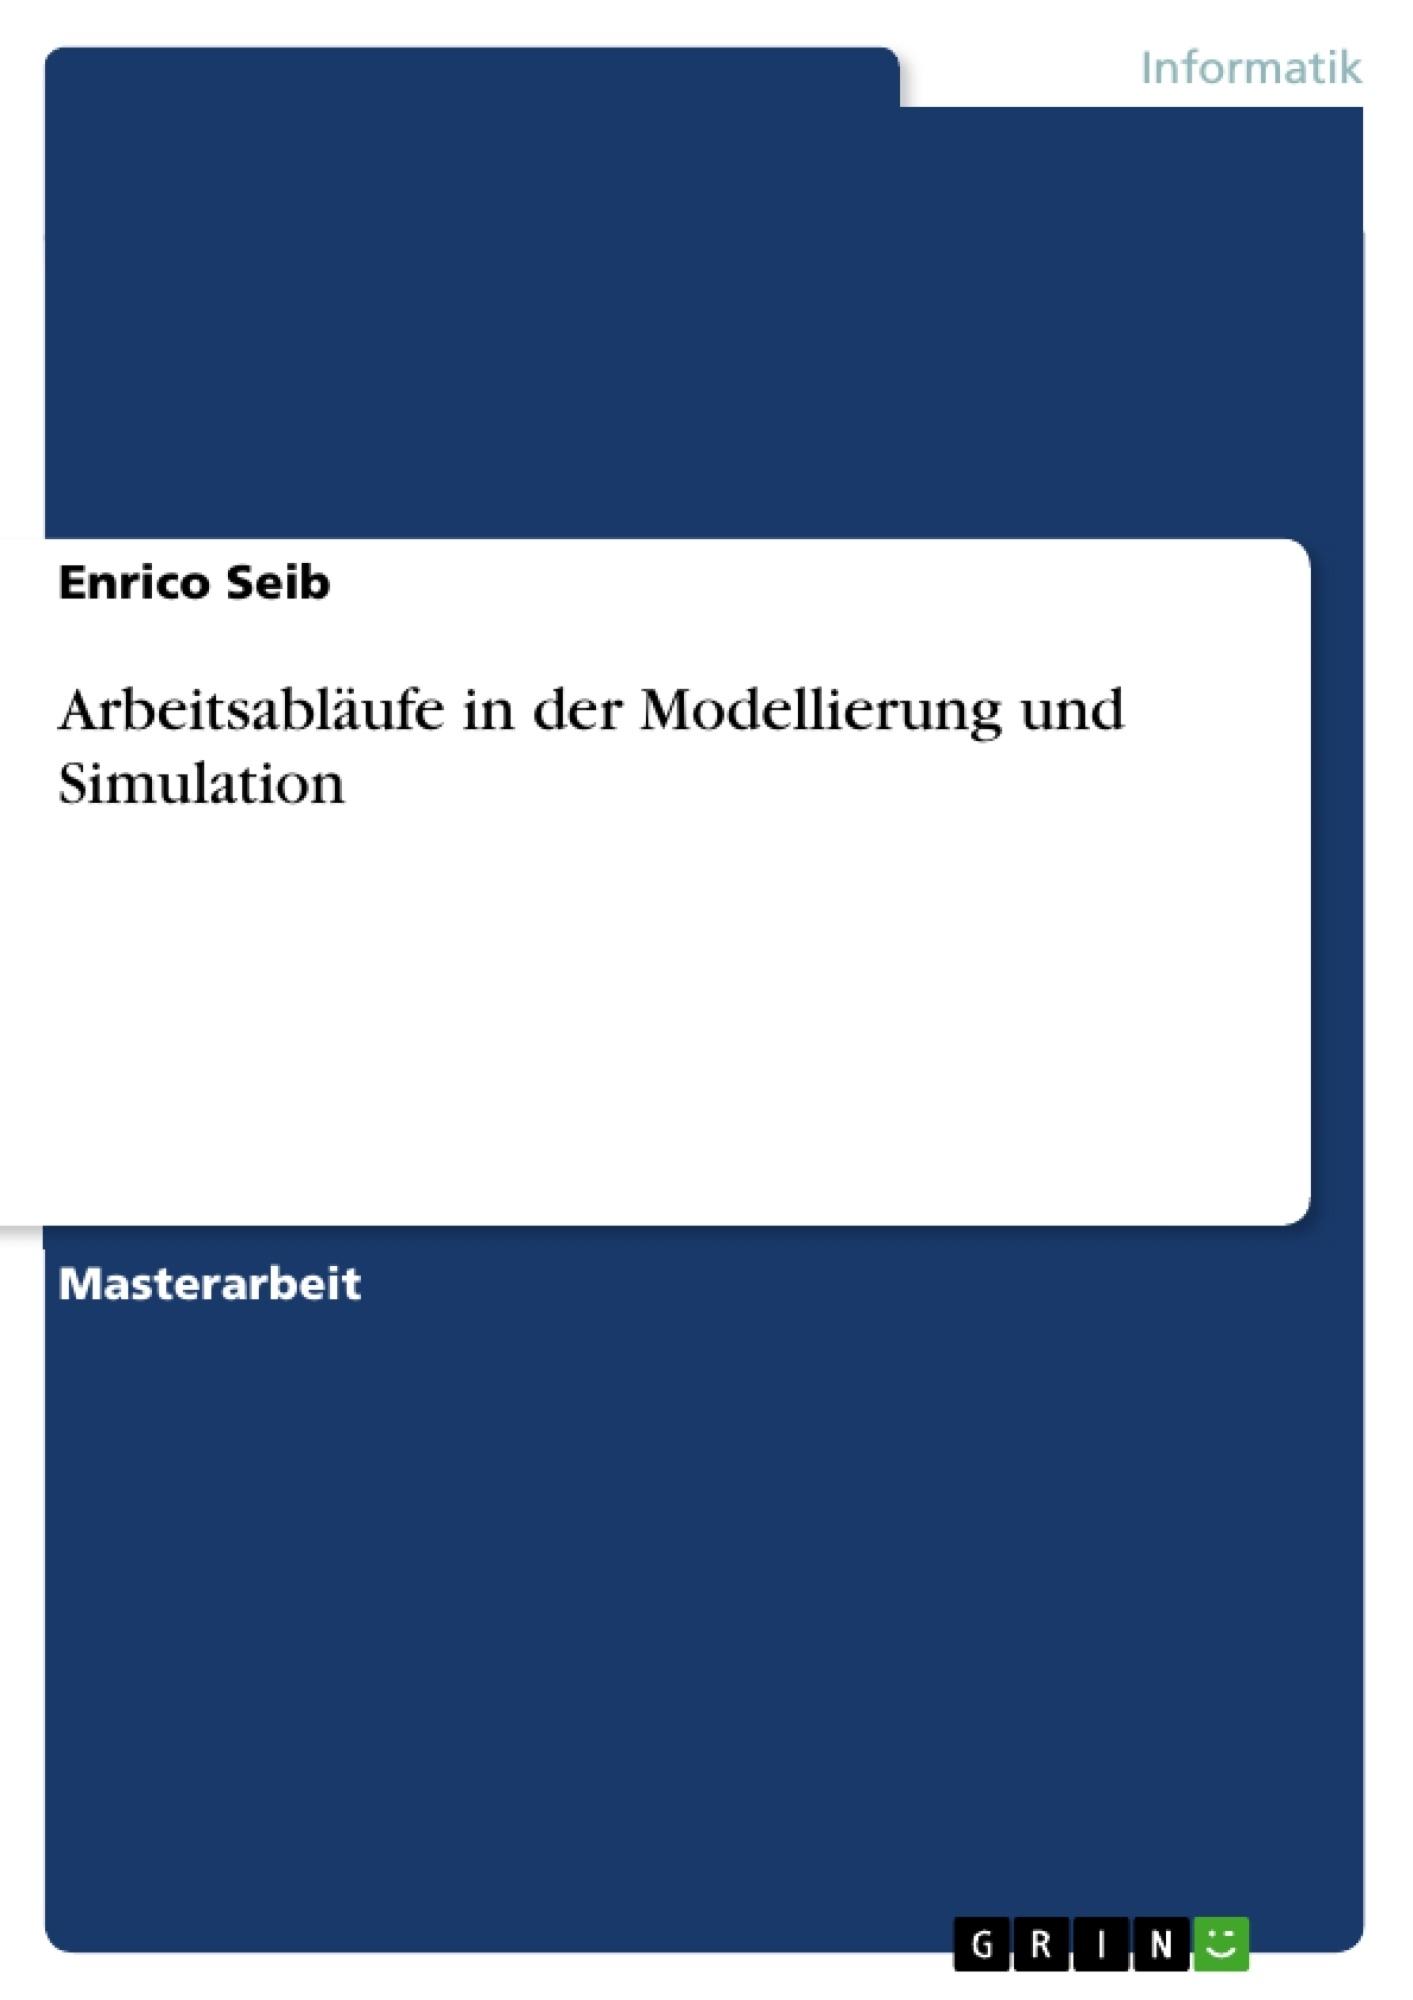 Arbeitsabläufe in der Modellierung und Simulation | Masterarbeit ...